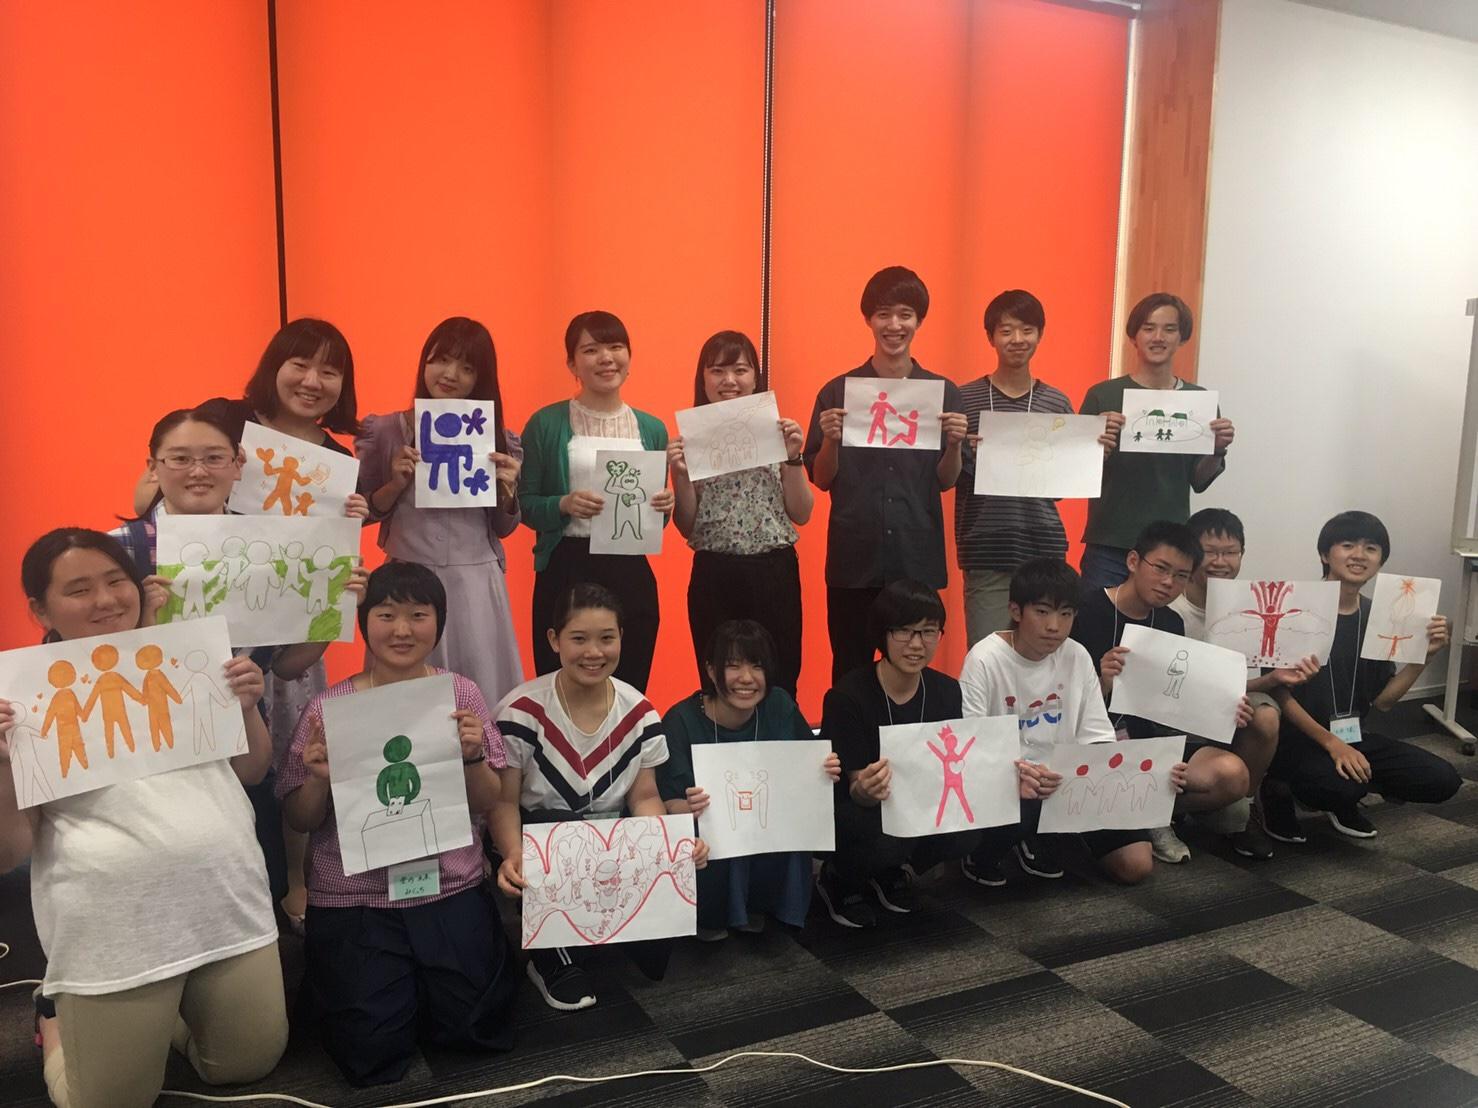 【開催報告】伊那谷サマースクール2019 in みのわ を開催しました!